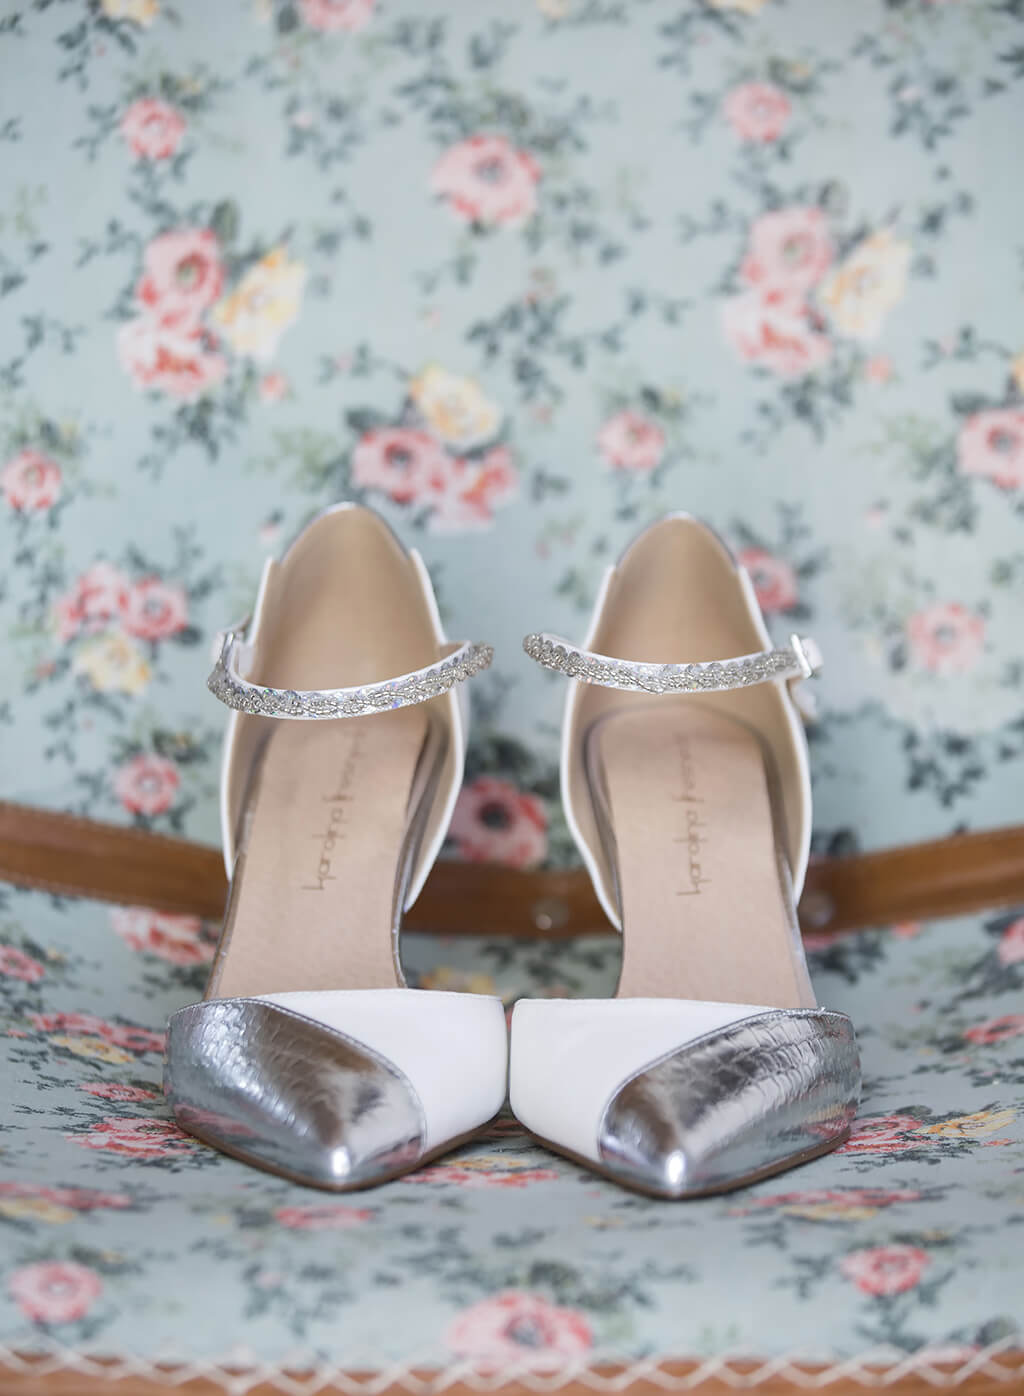 bridal ixchel 2016 zapato blanco y plateado karolina fresneda